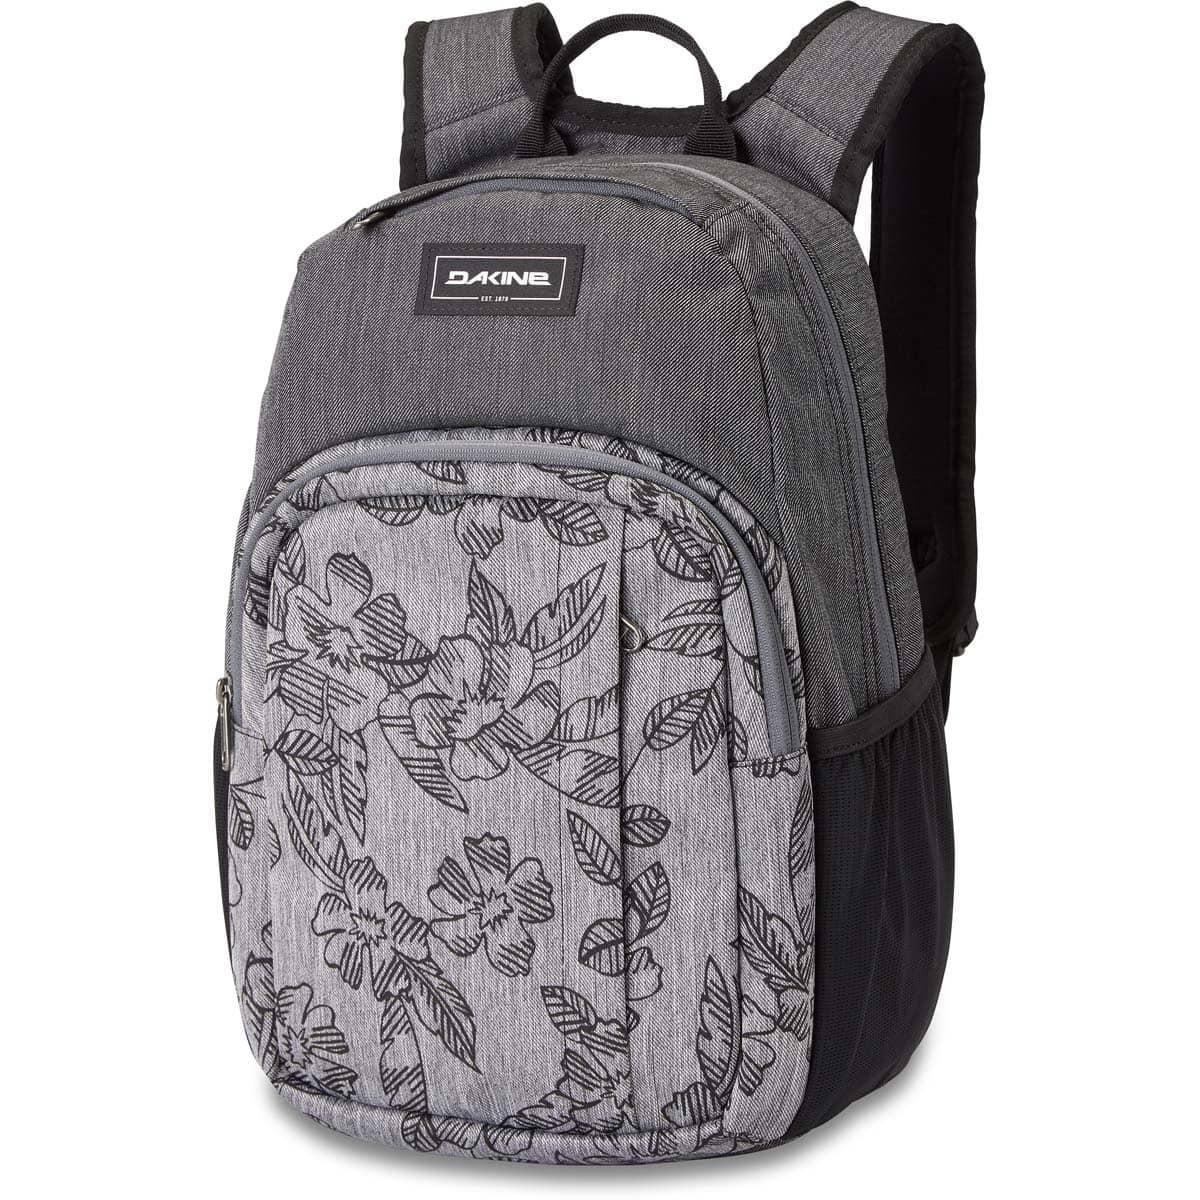 Dakine Campus S 18l Backpack Backpack